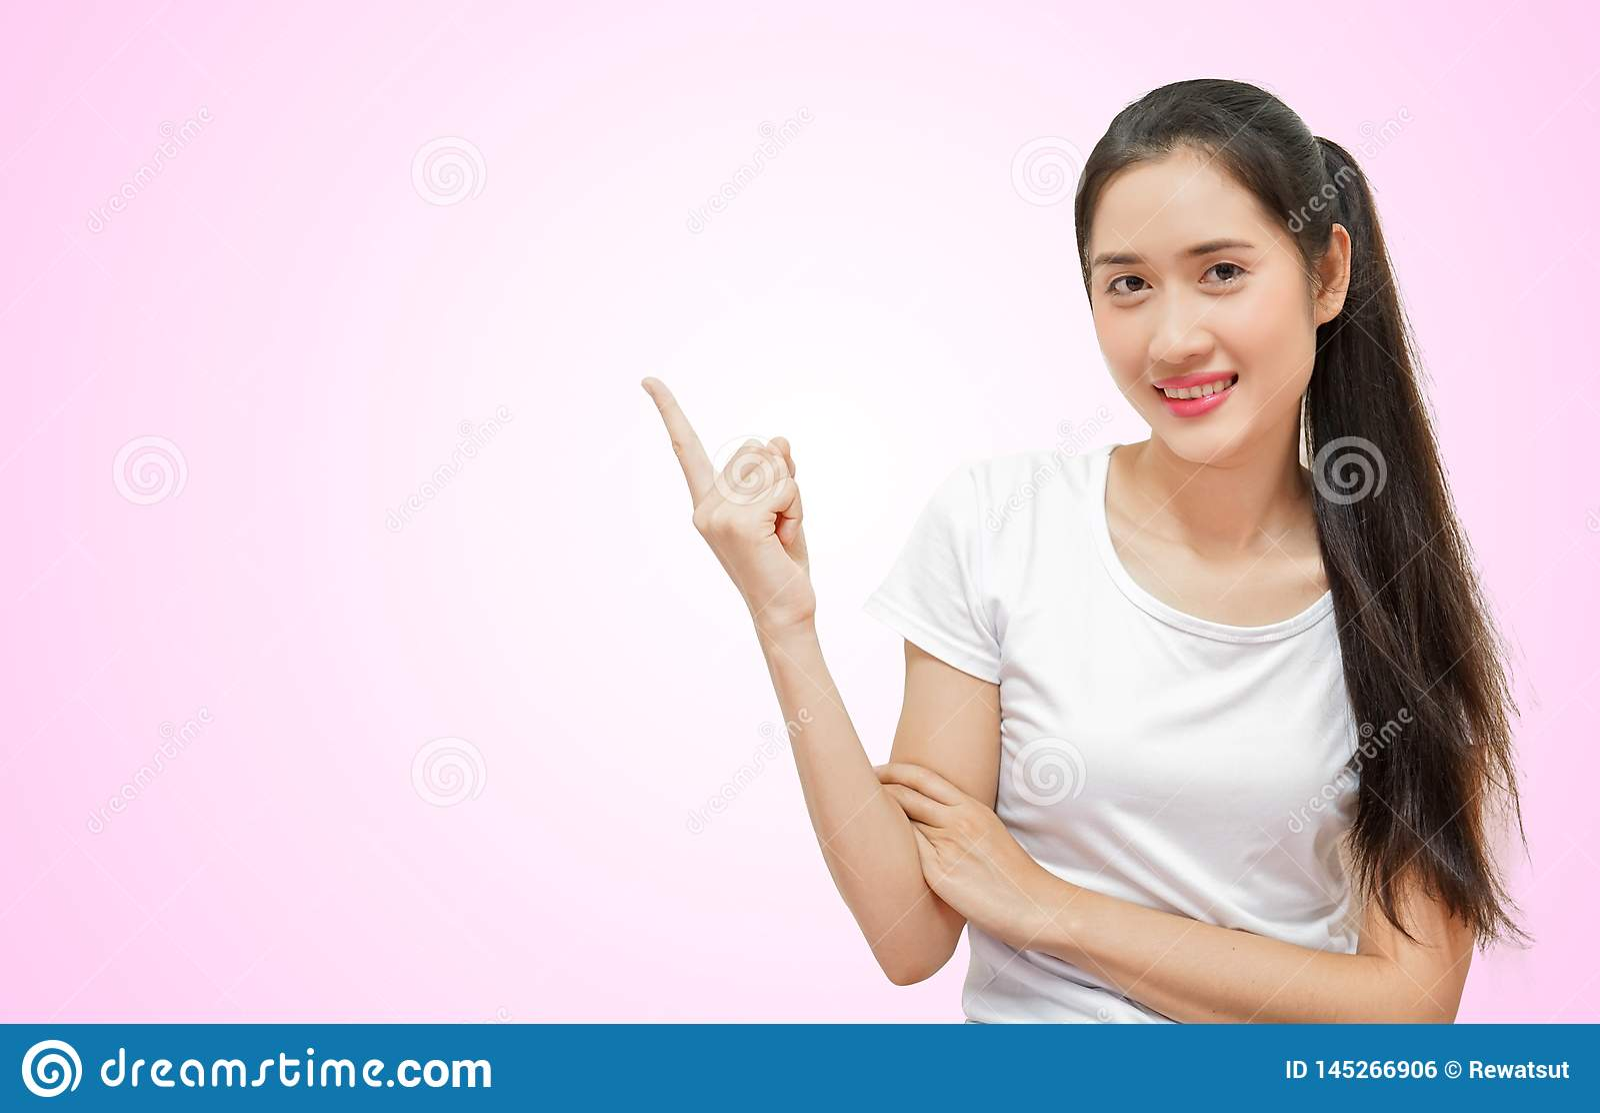 Szczęśliwe młode piękne kobiety w t-sirt prawej ręce wskazywali pozycję odizolowywającą na różowym miękkim tle